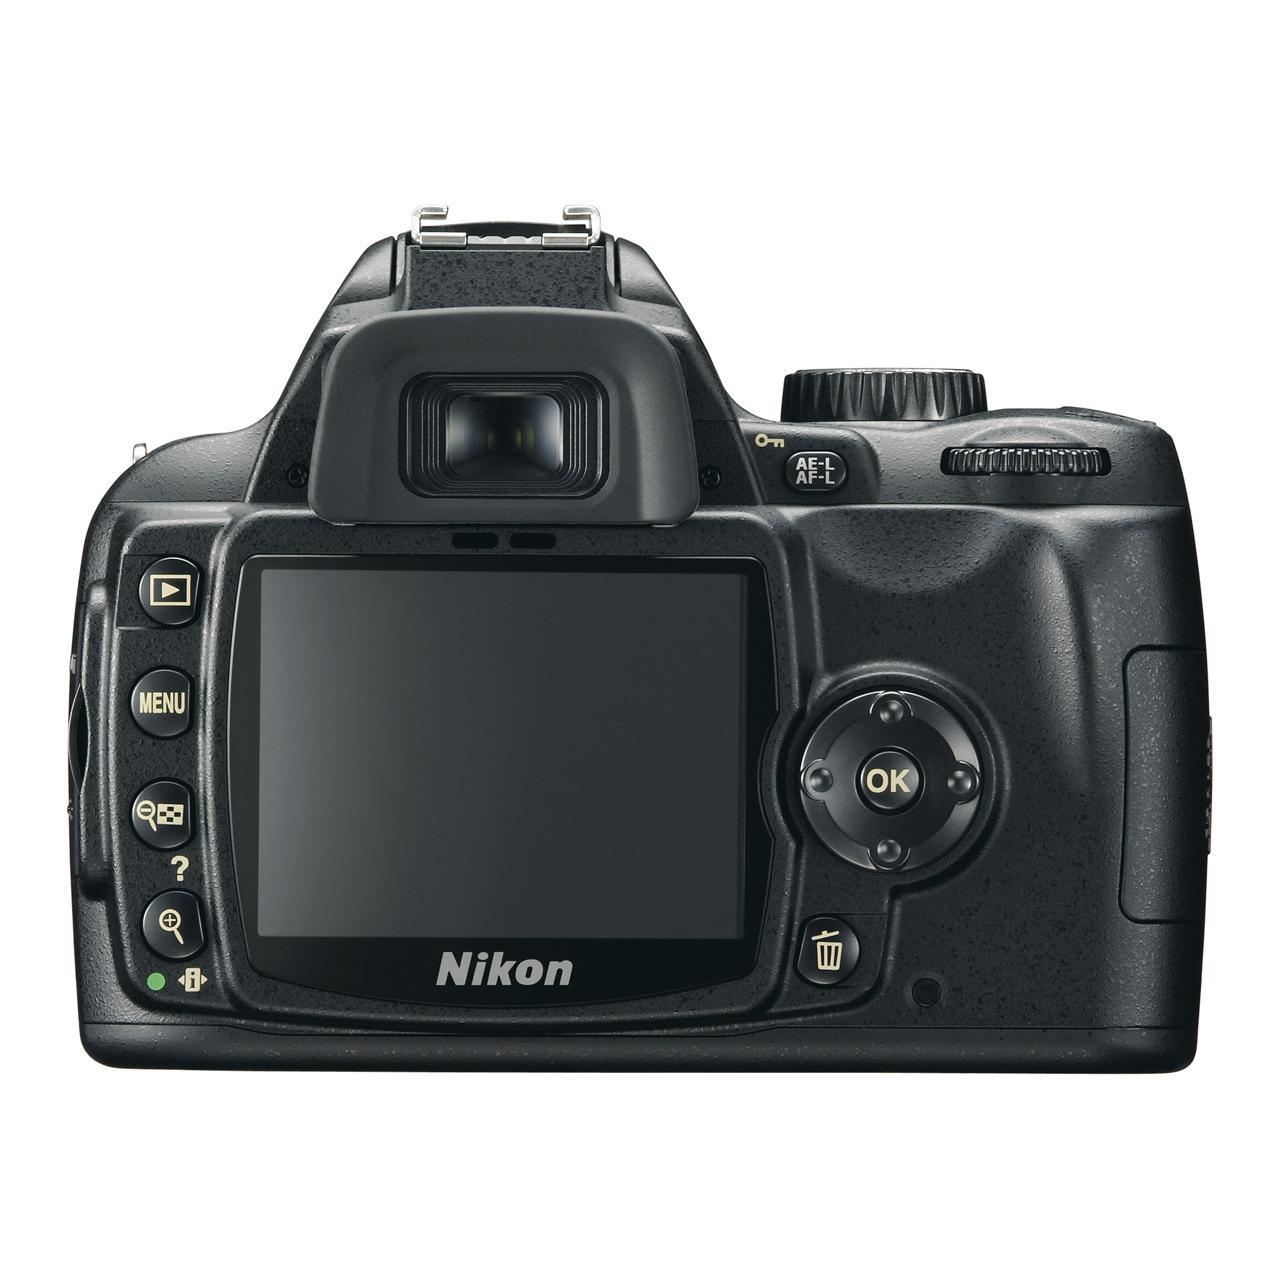 Nikon D60 Reflex 10Mpx - Black